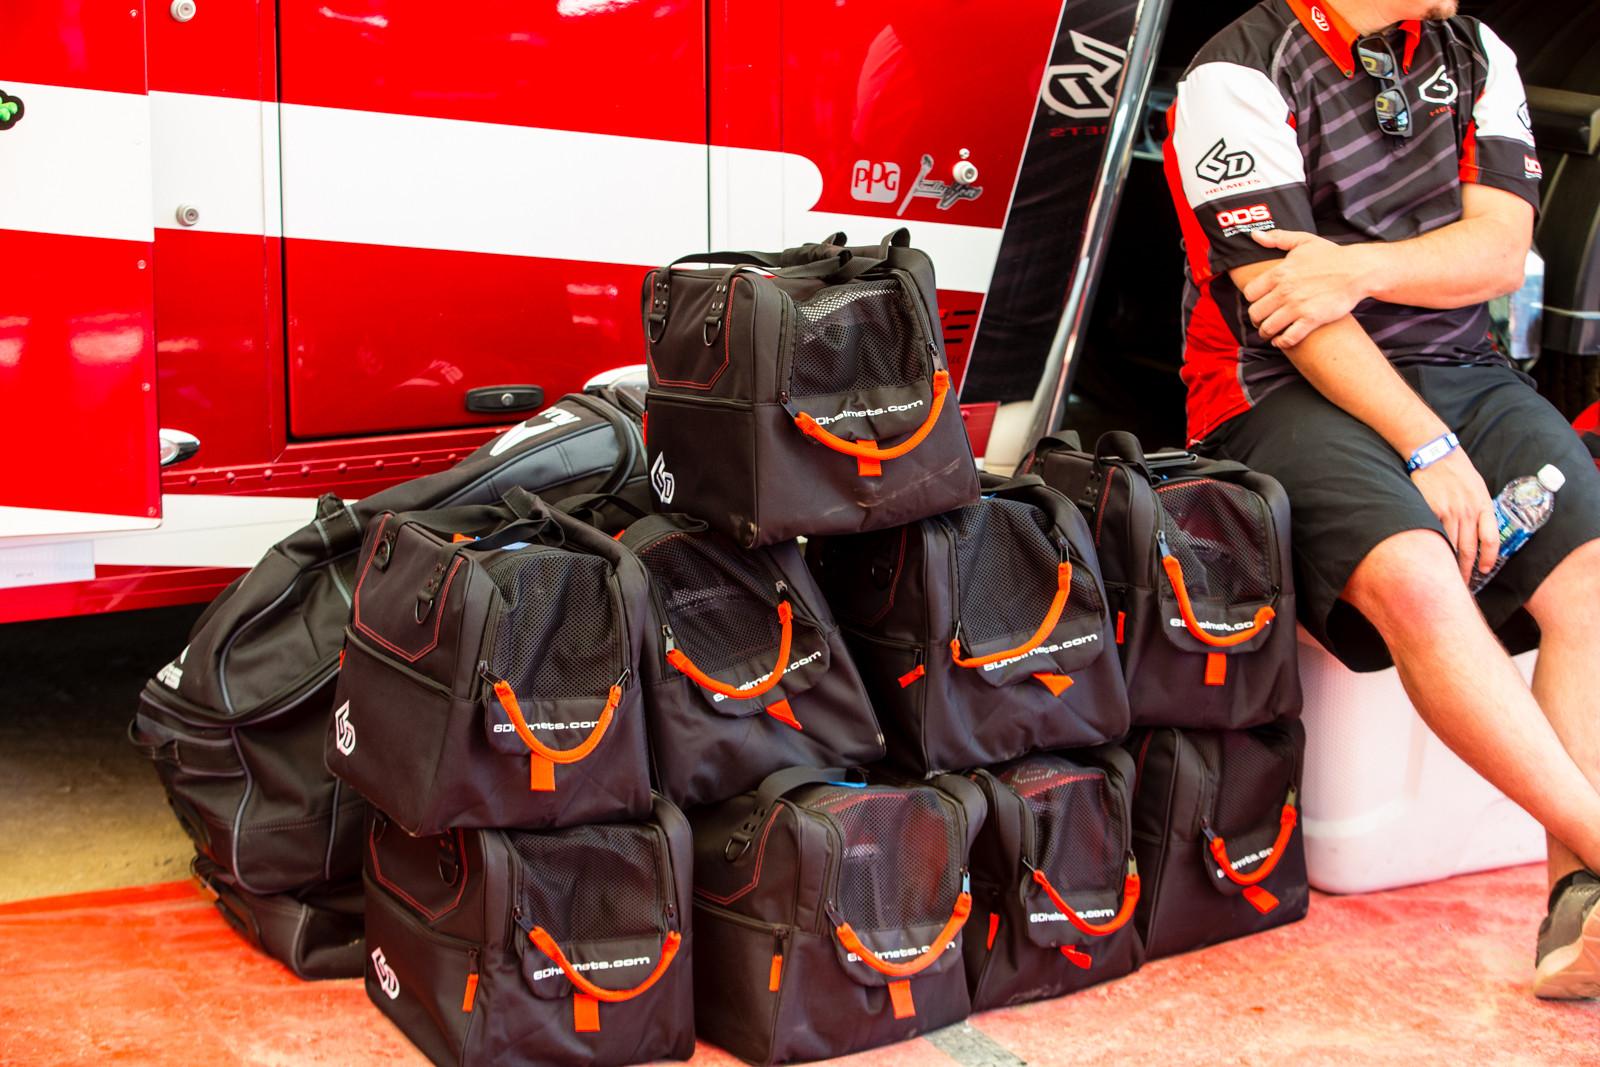 6D Helmets - Vital MX Pit Bits: Glen Helen - Motocross Pictures - Vital MX